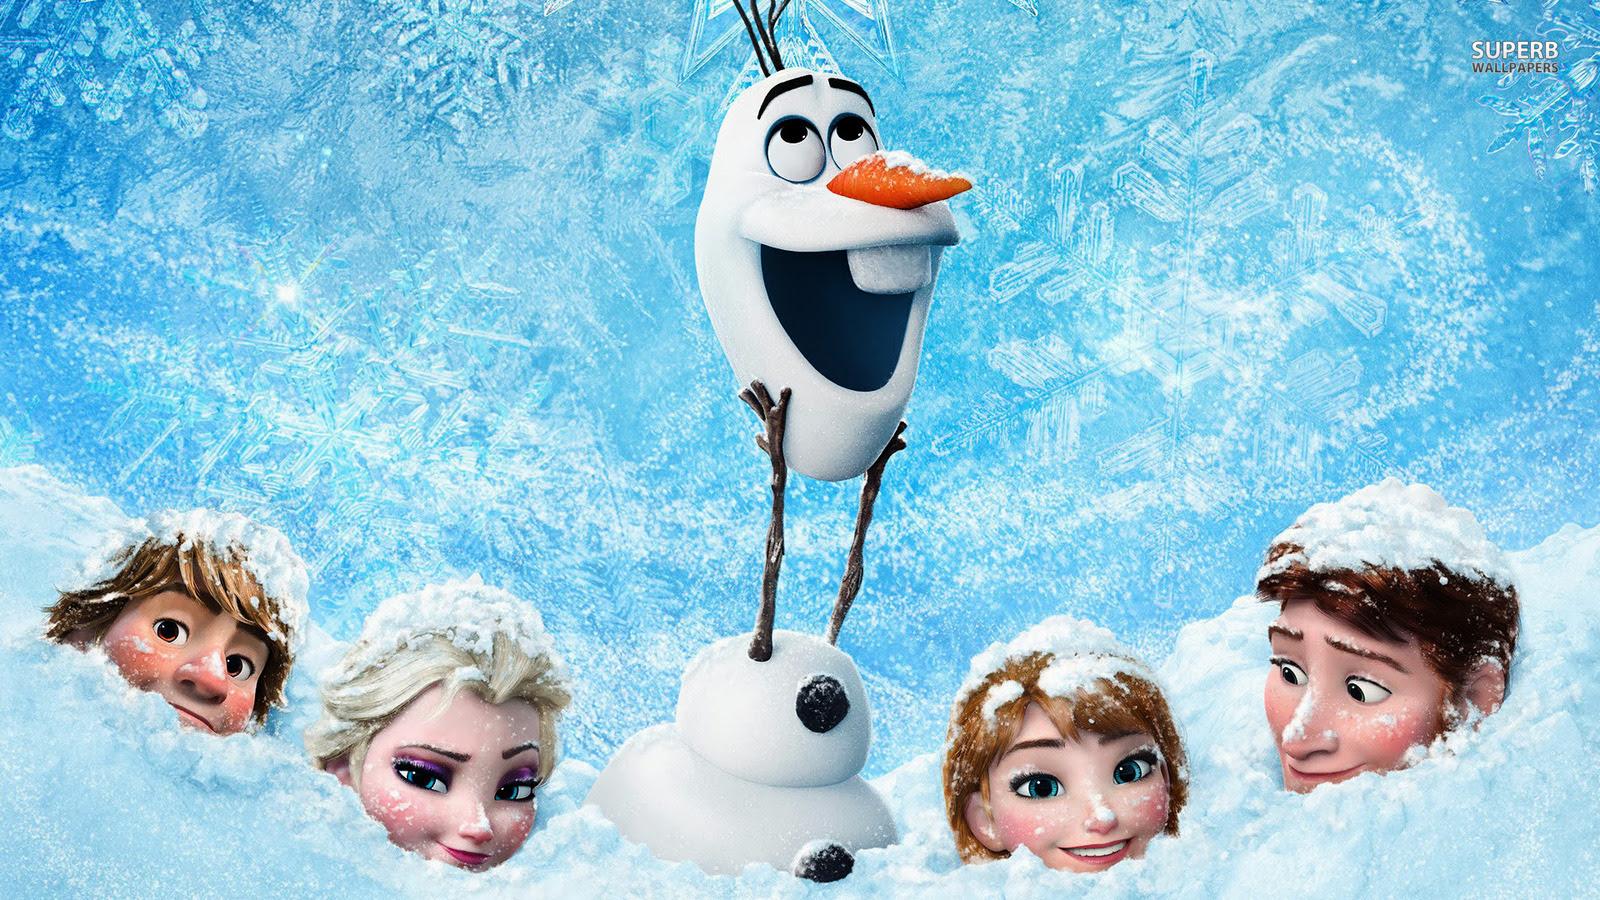 アナと雪の女王 ディズニー 壁紙 38676591 ファンポップ